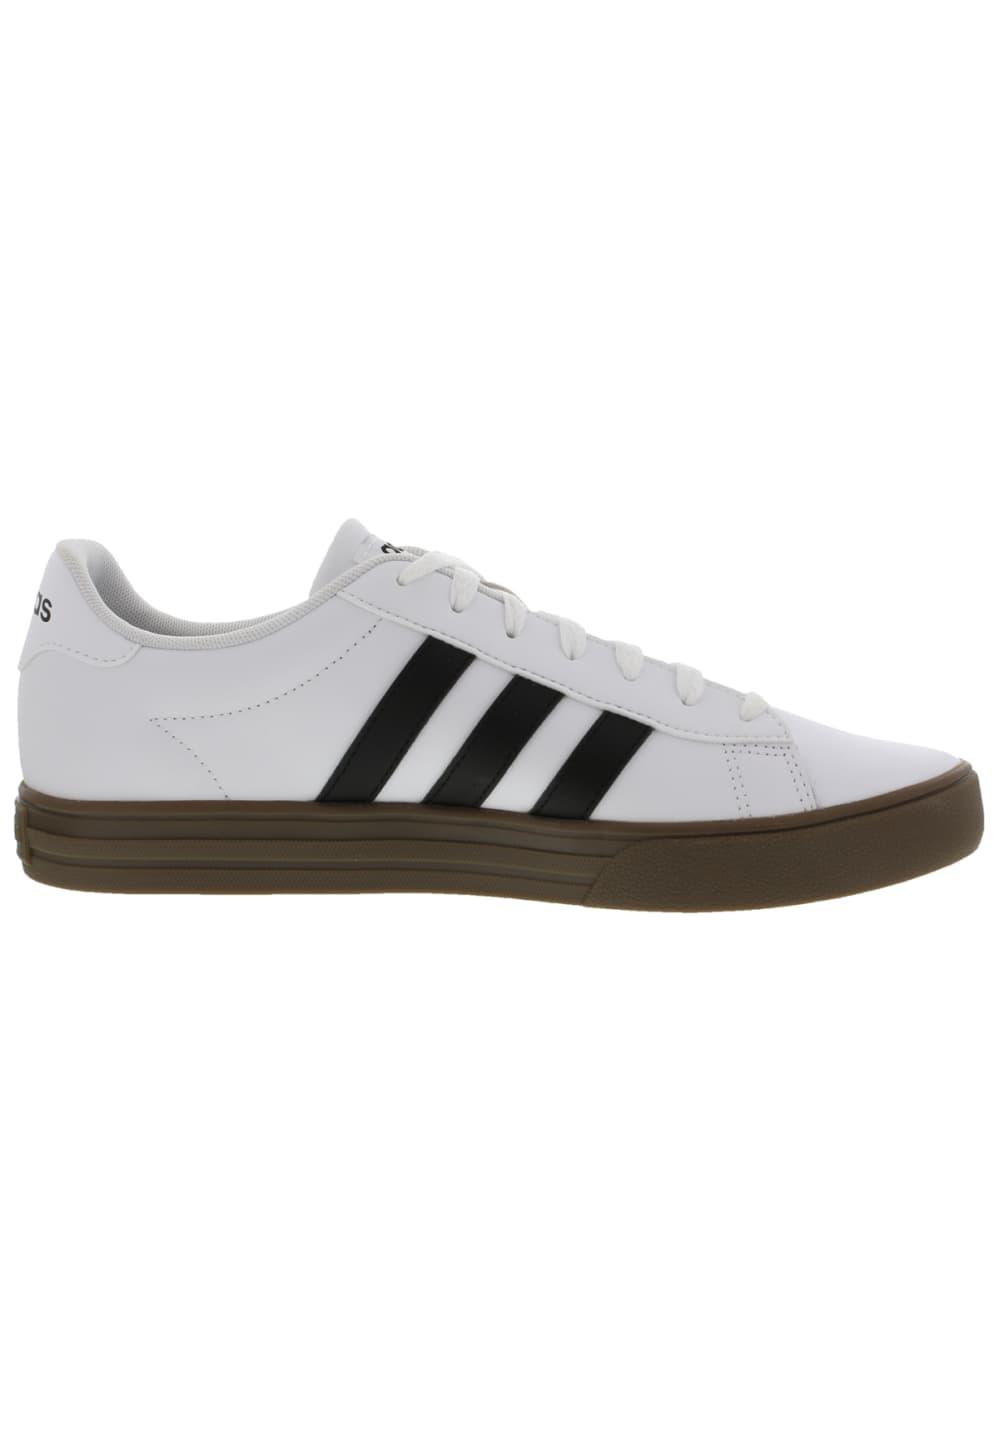 best sneakers 798c9 57ca2 ... adidas Daily 2.0 - Baskets pour Homme - Blanc. Retour vers laperçu. 1  2 3 4 5. Previous. Next